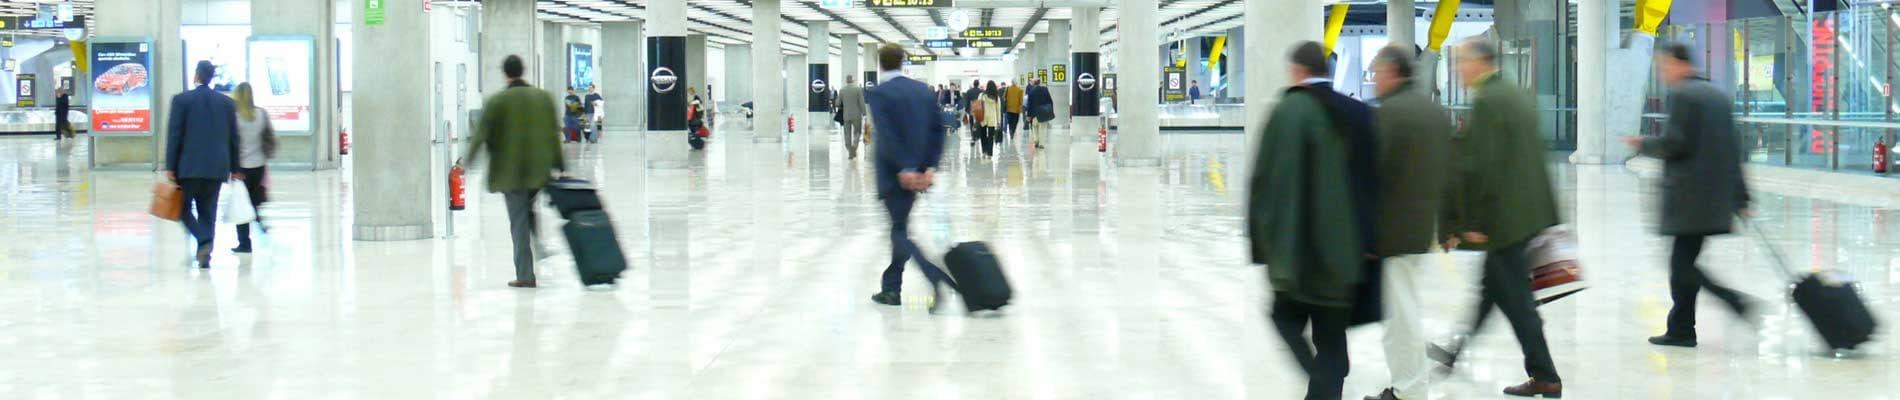 Pessoal de portos e aeroportos